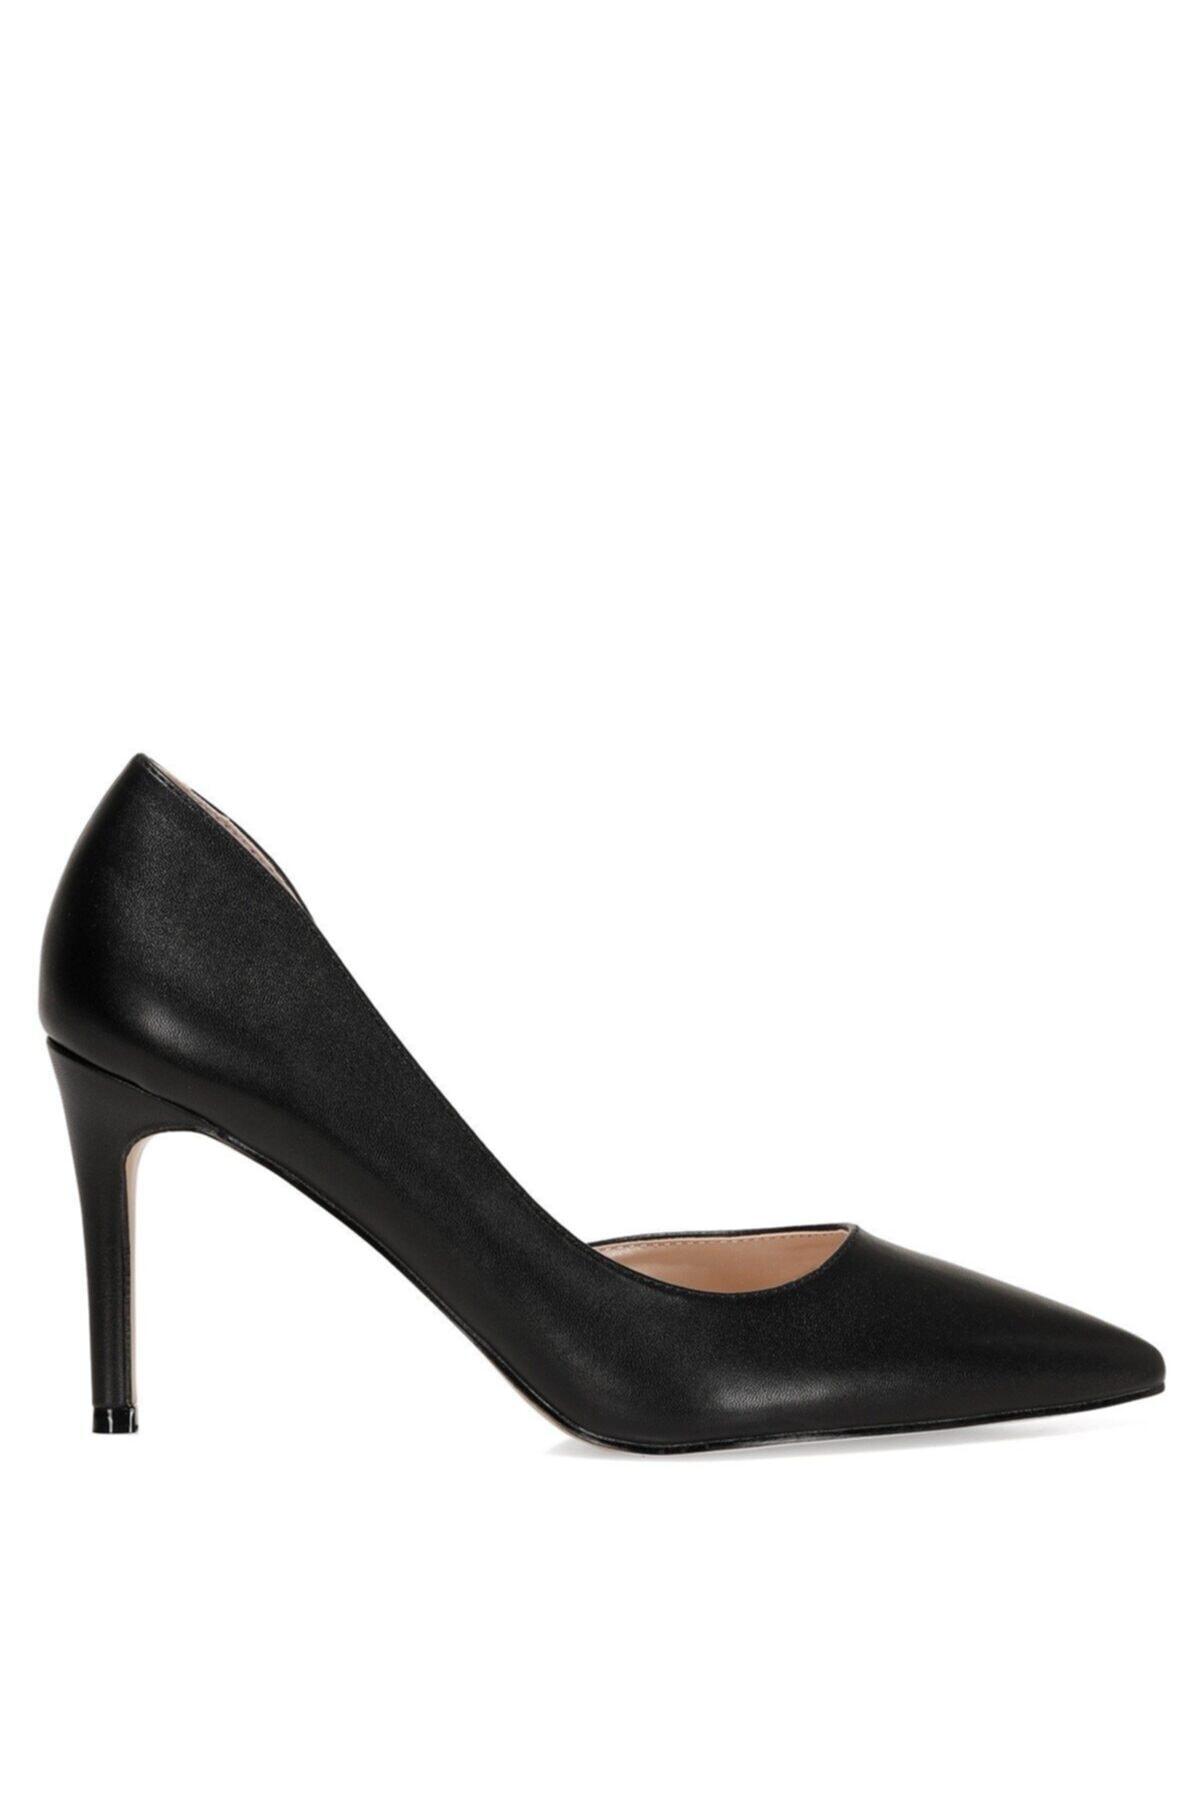 TIANA 1FX Siyah Kadın Gova Ayakkabı 101015731